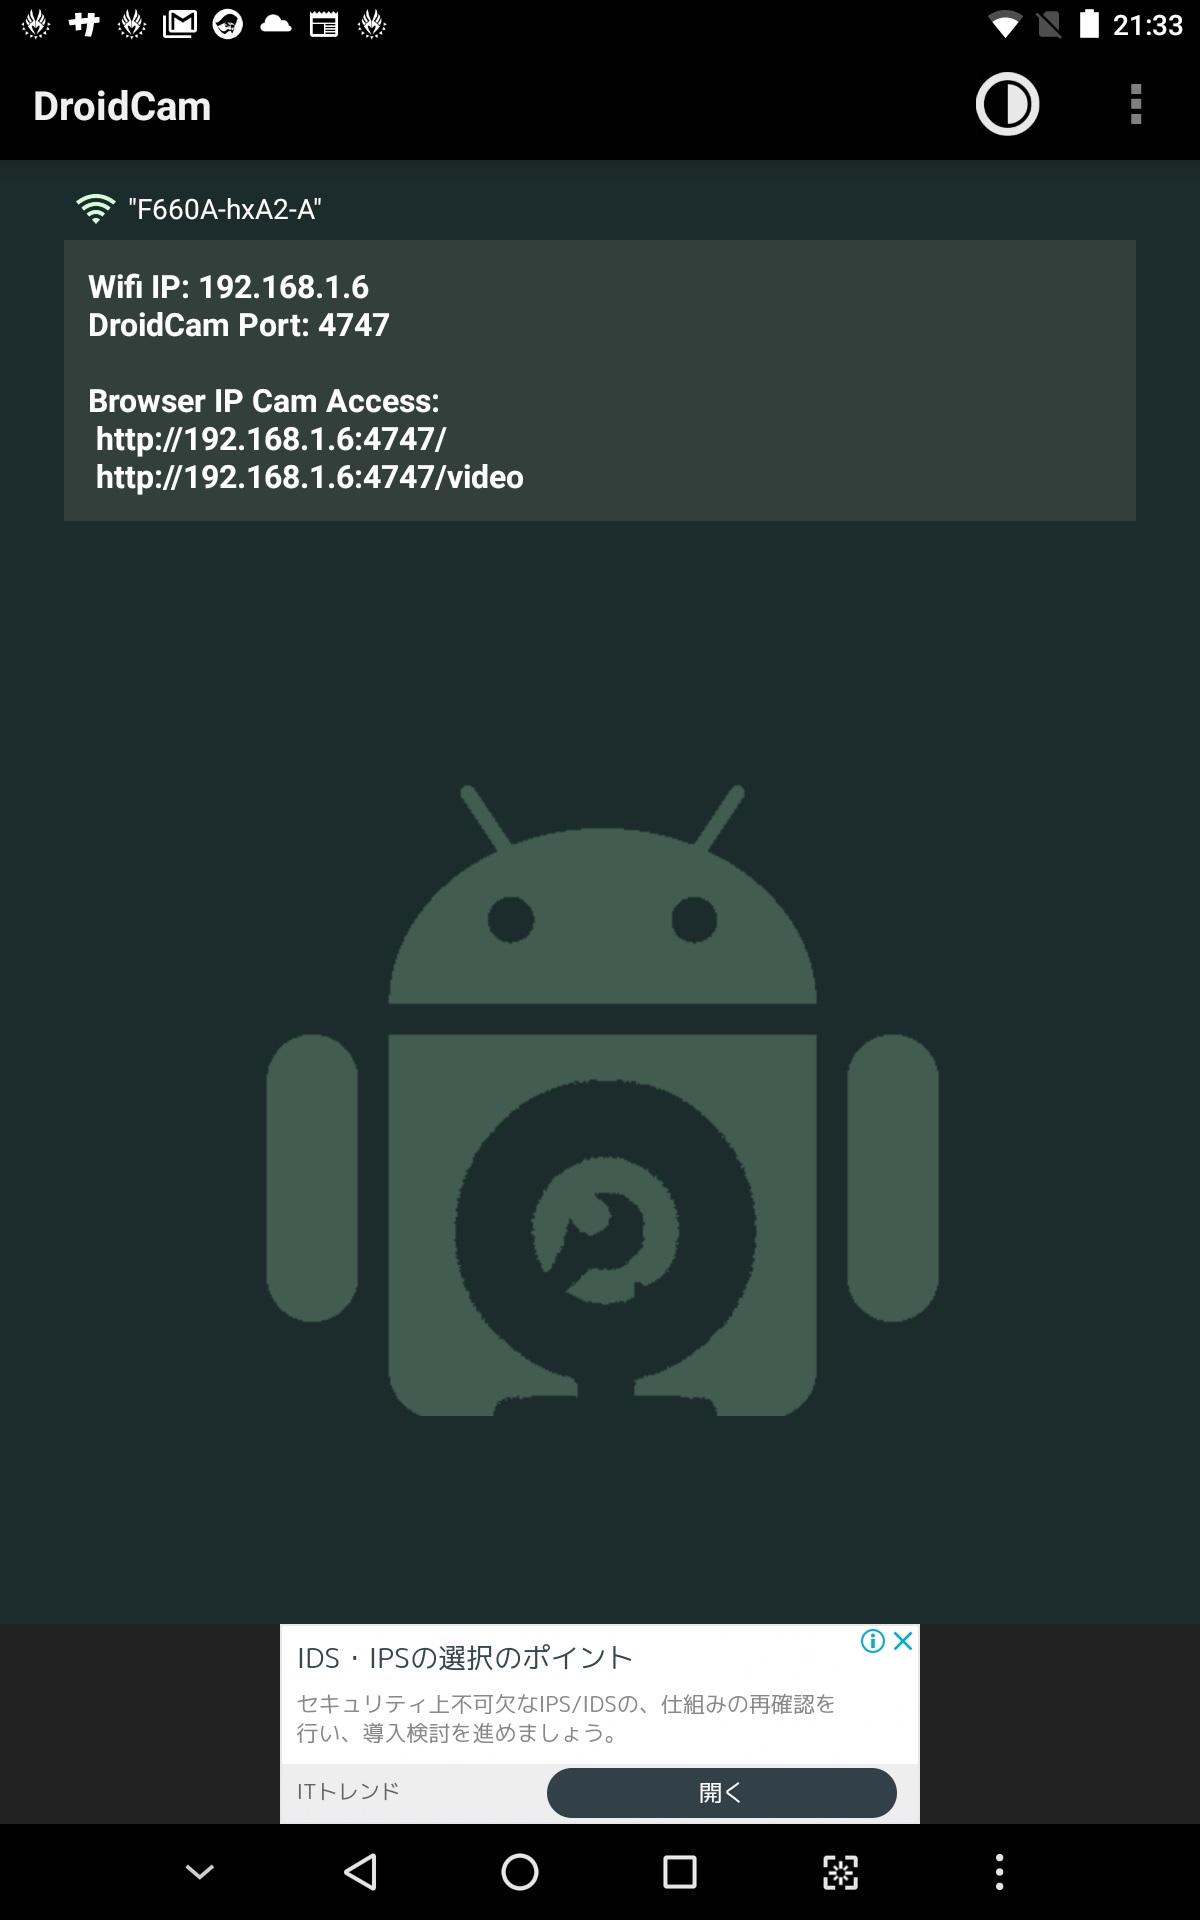 Android側で「DoridCam」を起動し、右上のWifi IPをメモする